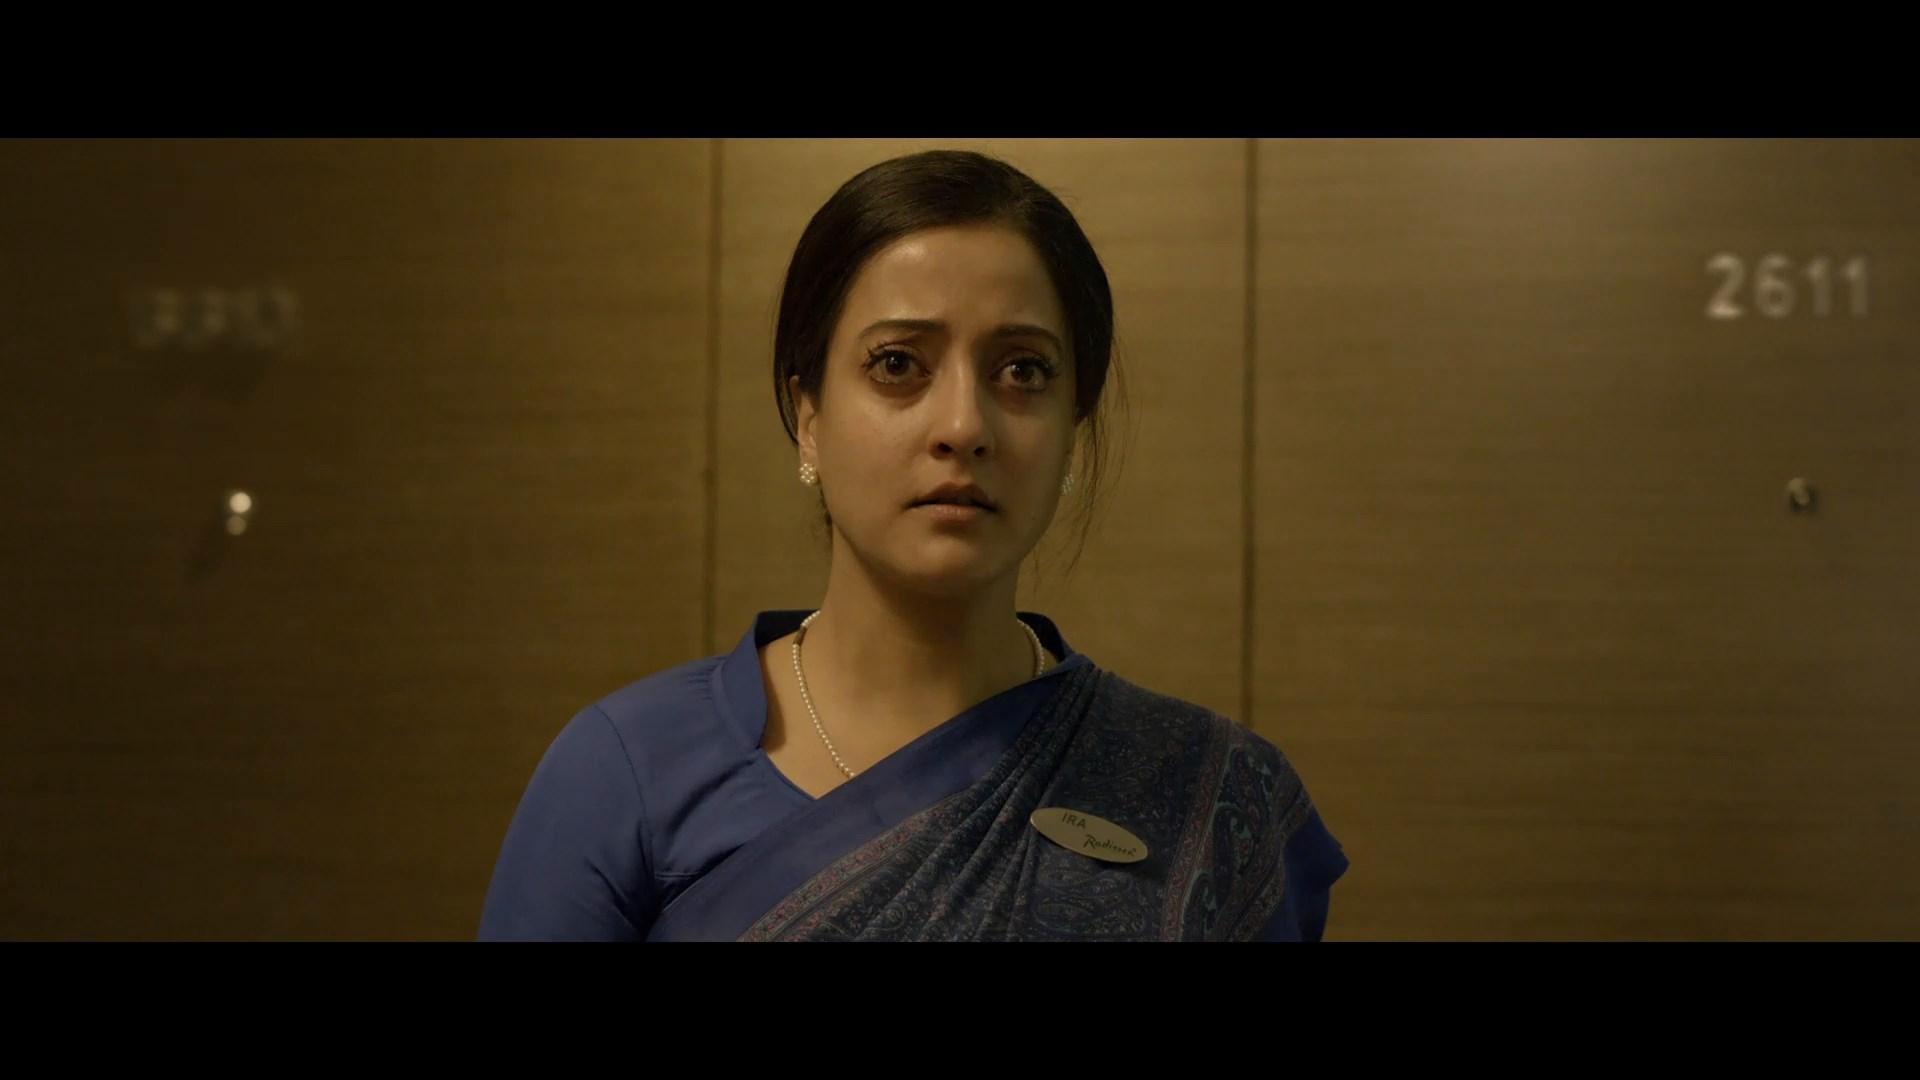 Tarikh 2021 Bengali Movie.mp4 snapshot 01.48.26.283